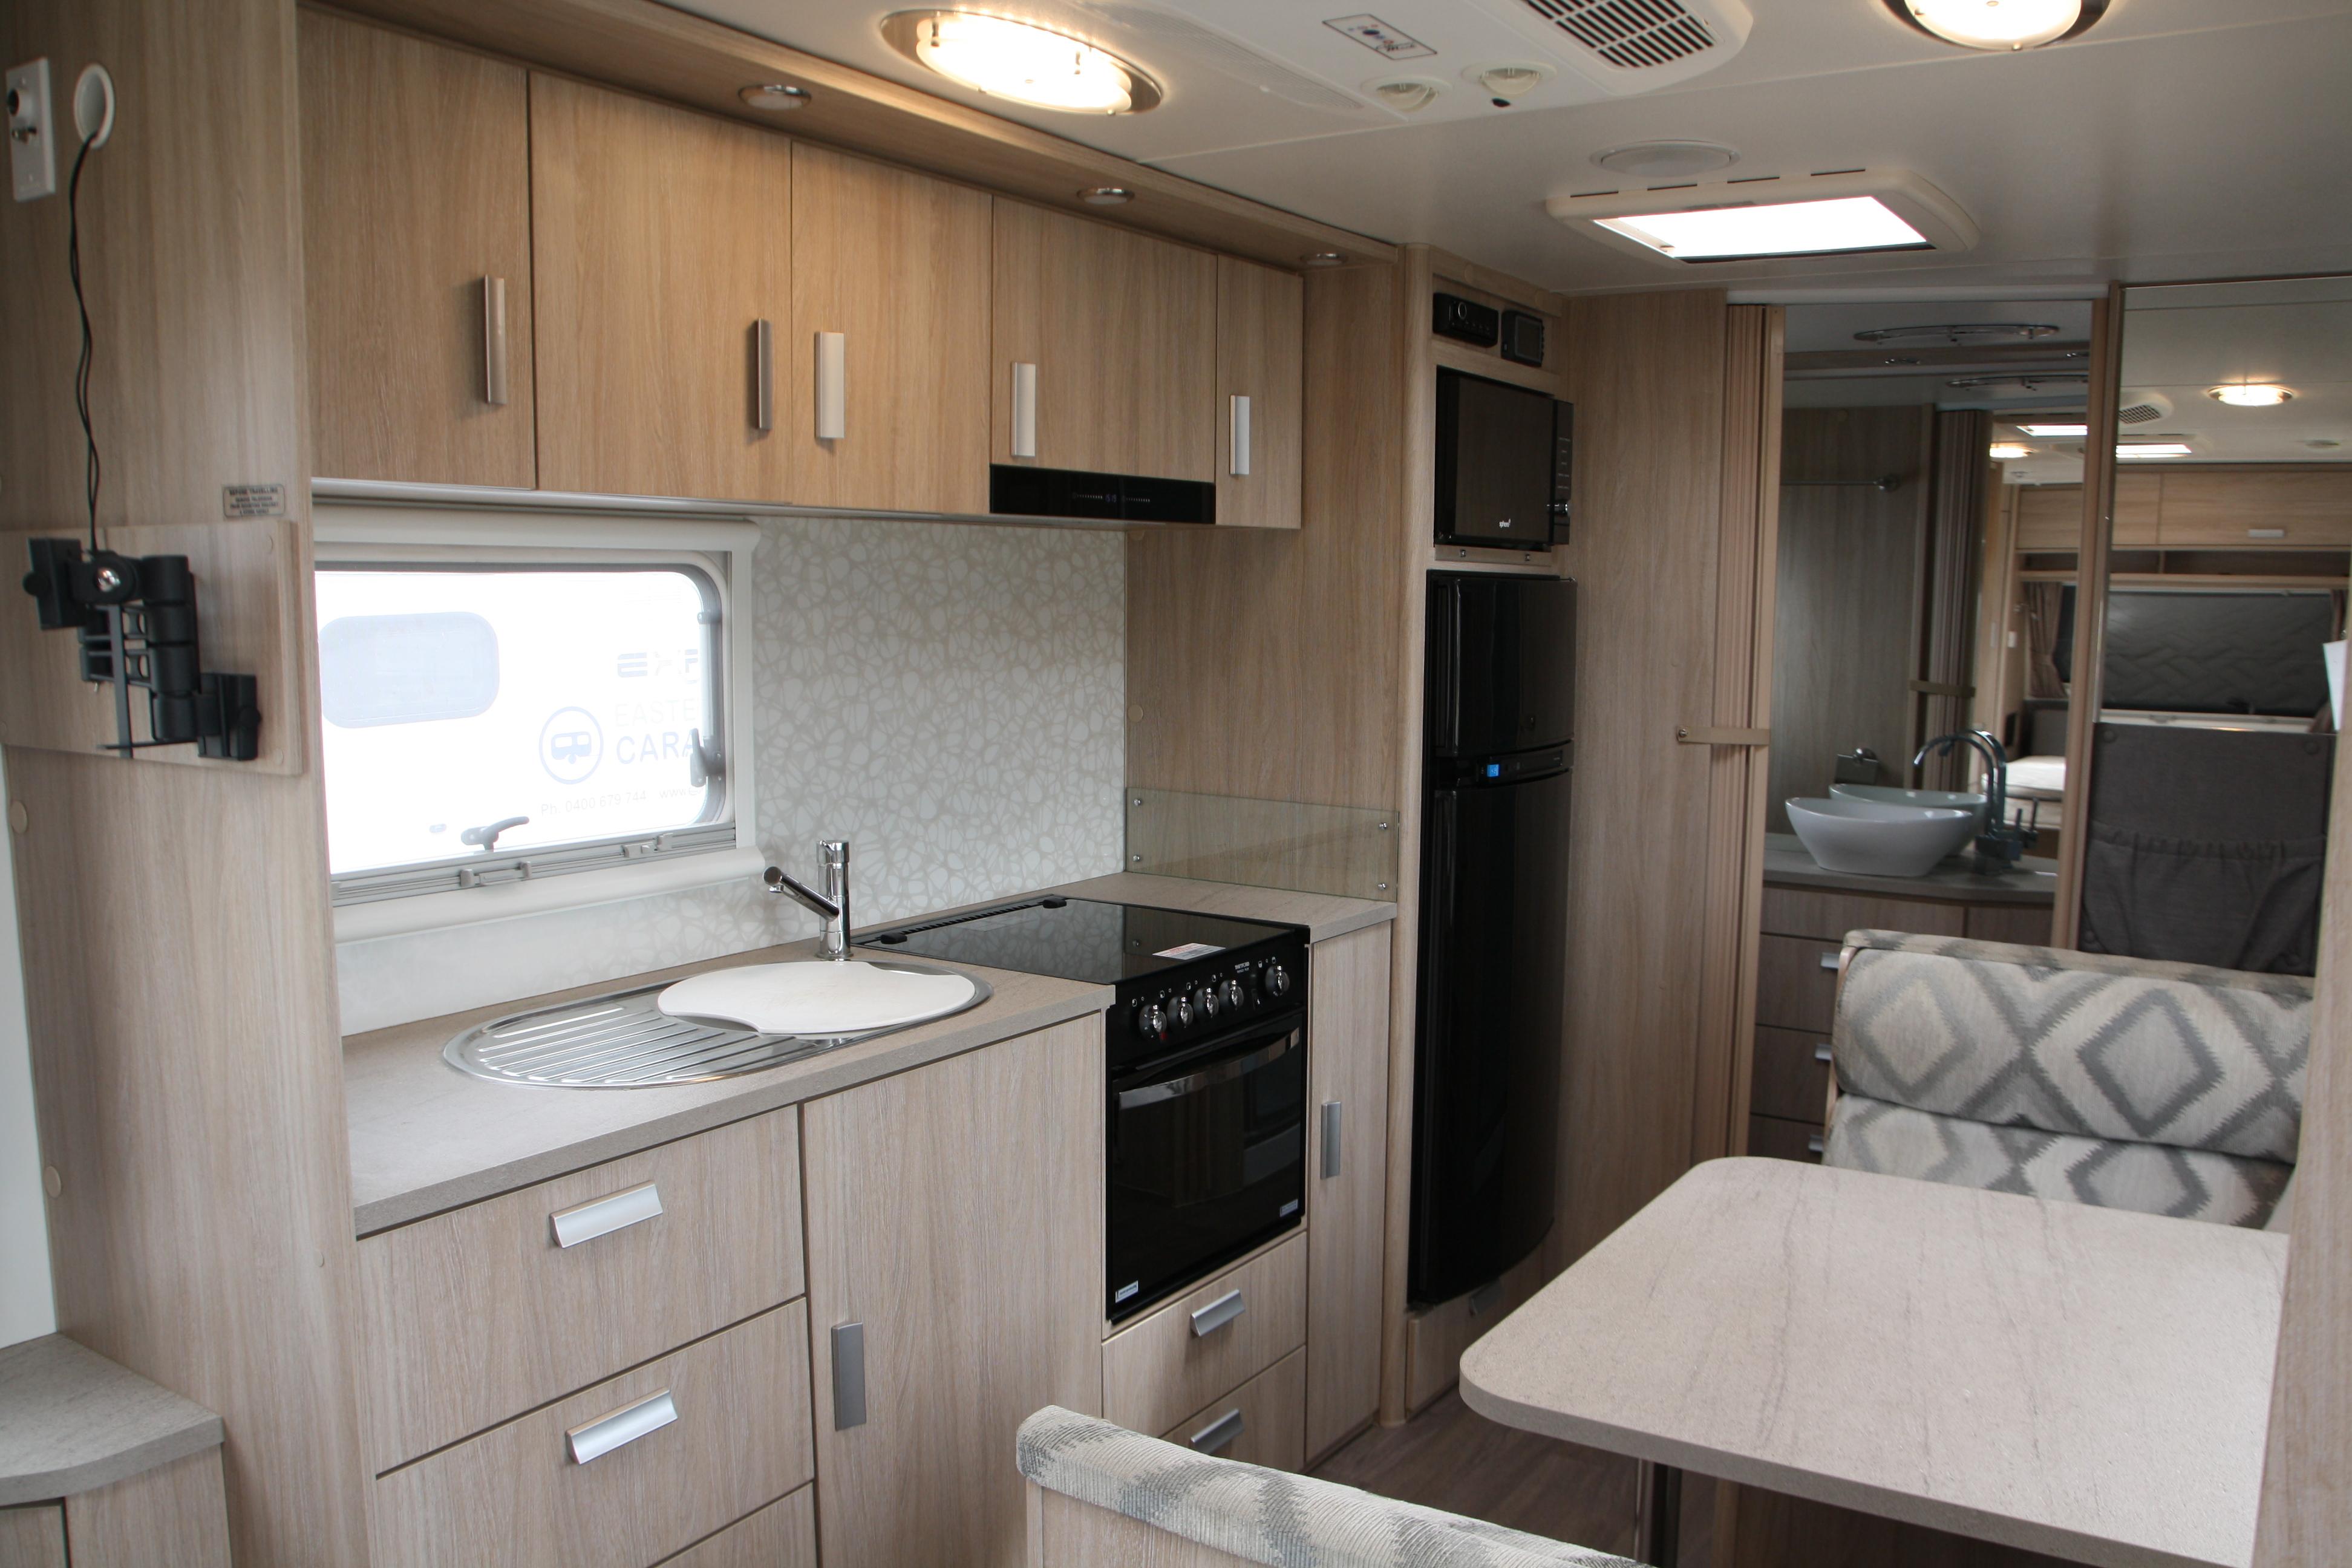 Jayco Starcraft Caravan 19 61 2 Eastern Caravans